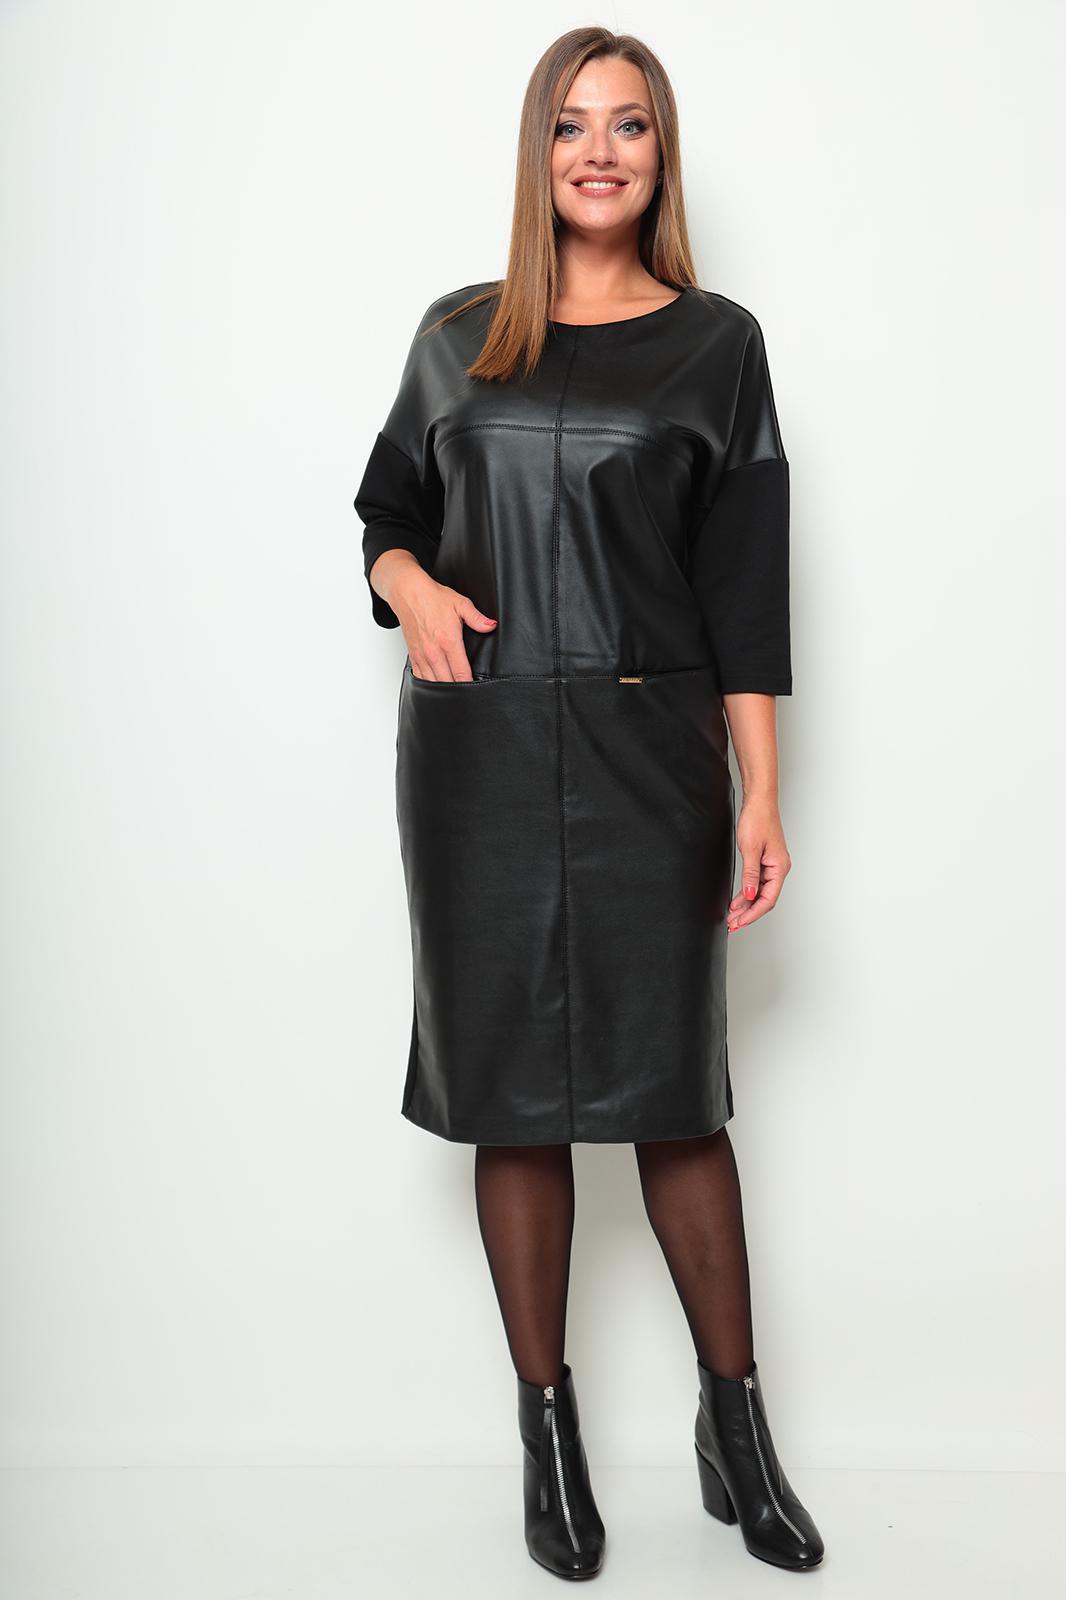 LIA7714 Melna trikotāžas/eko ādas kleita